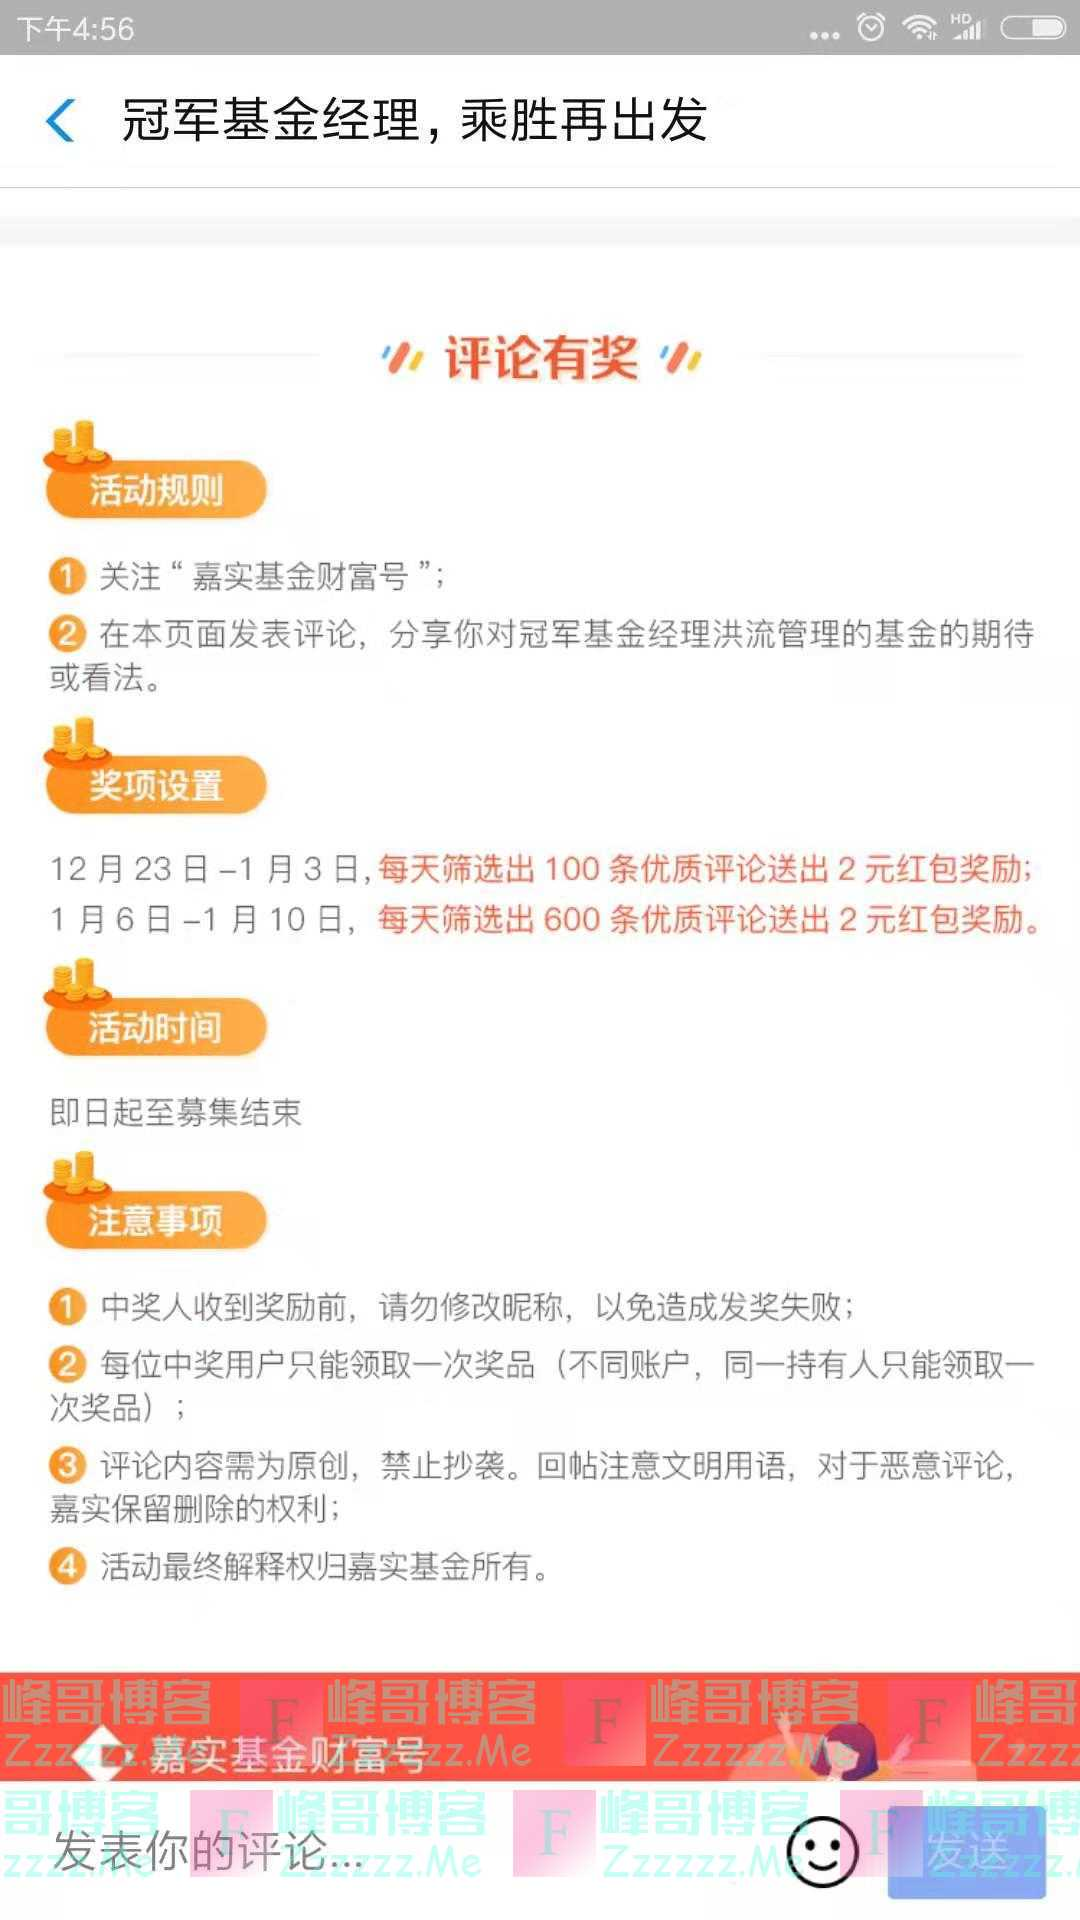 嘉实基金评论有奖(截止1月10日)